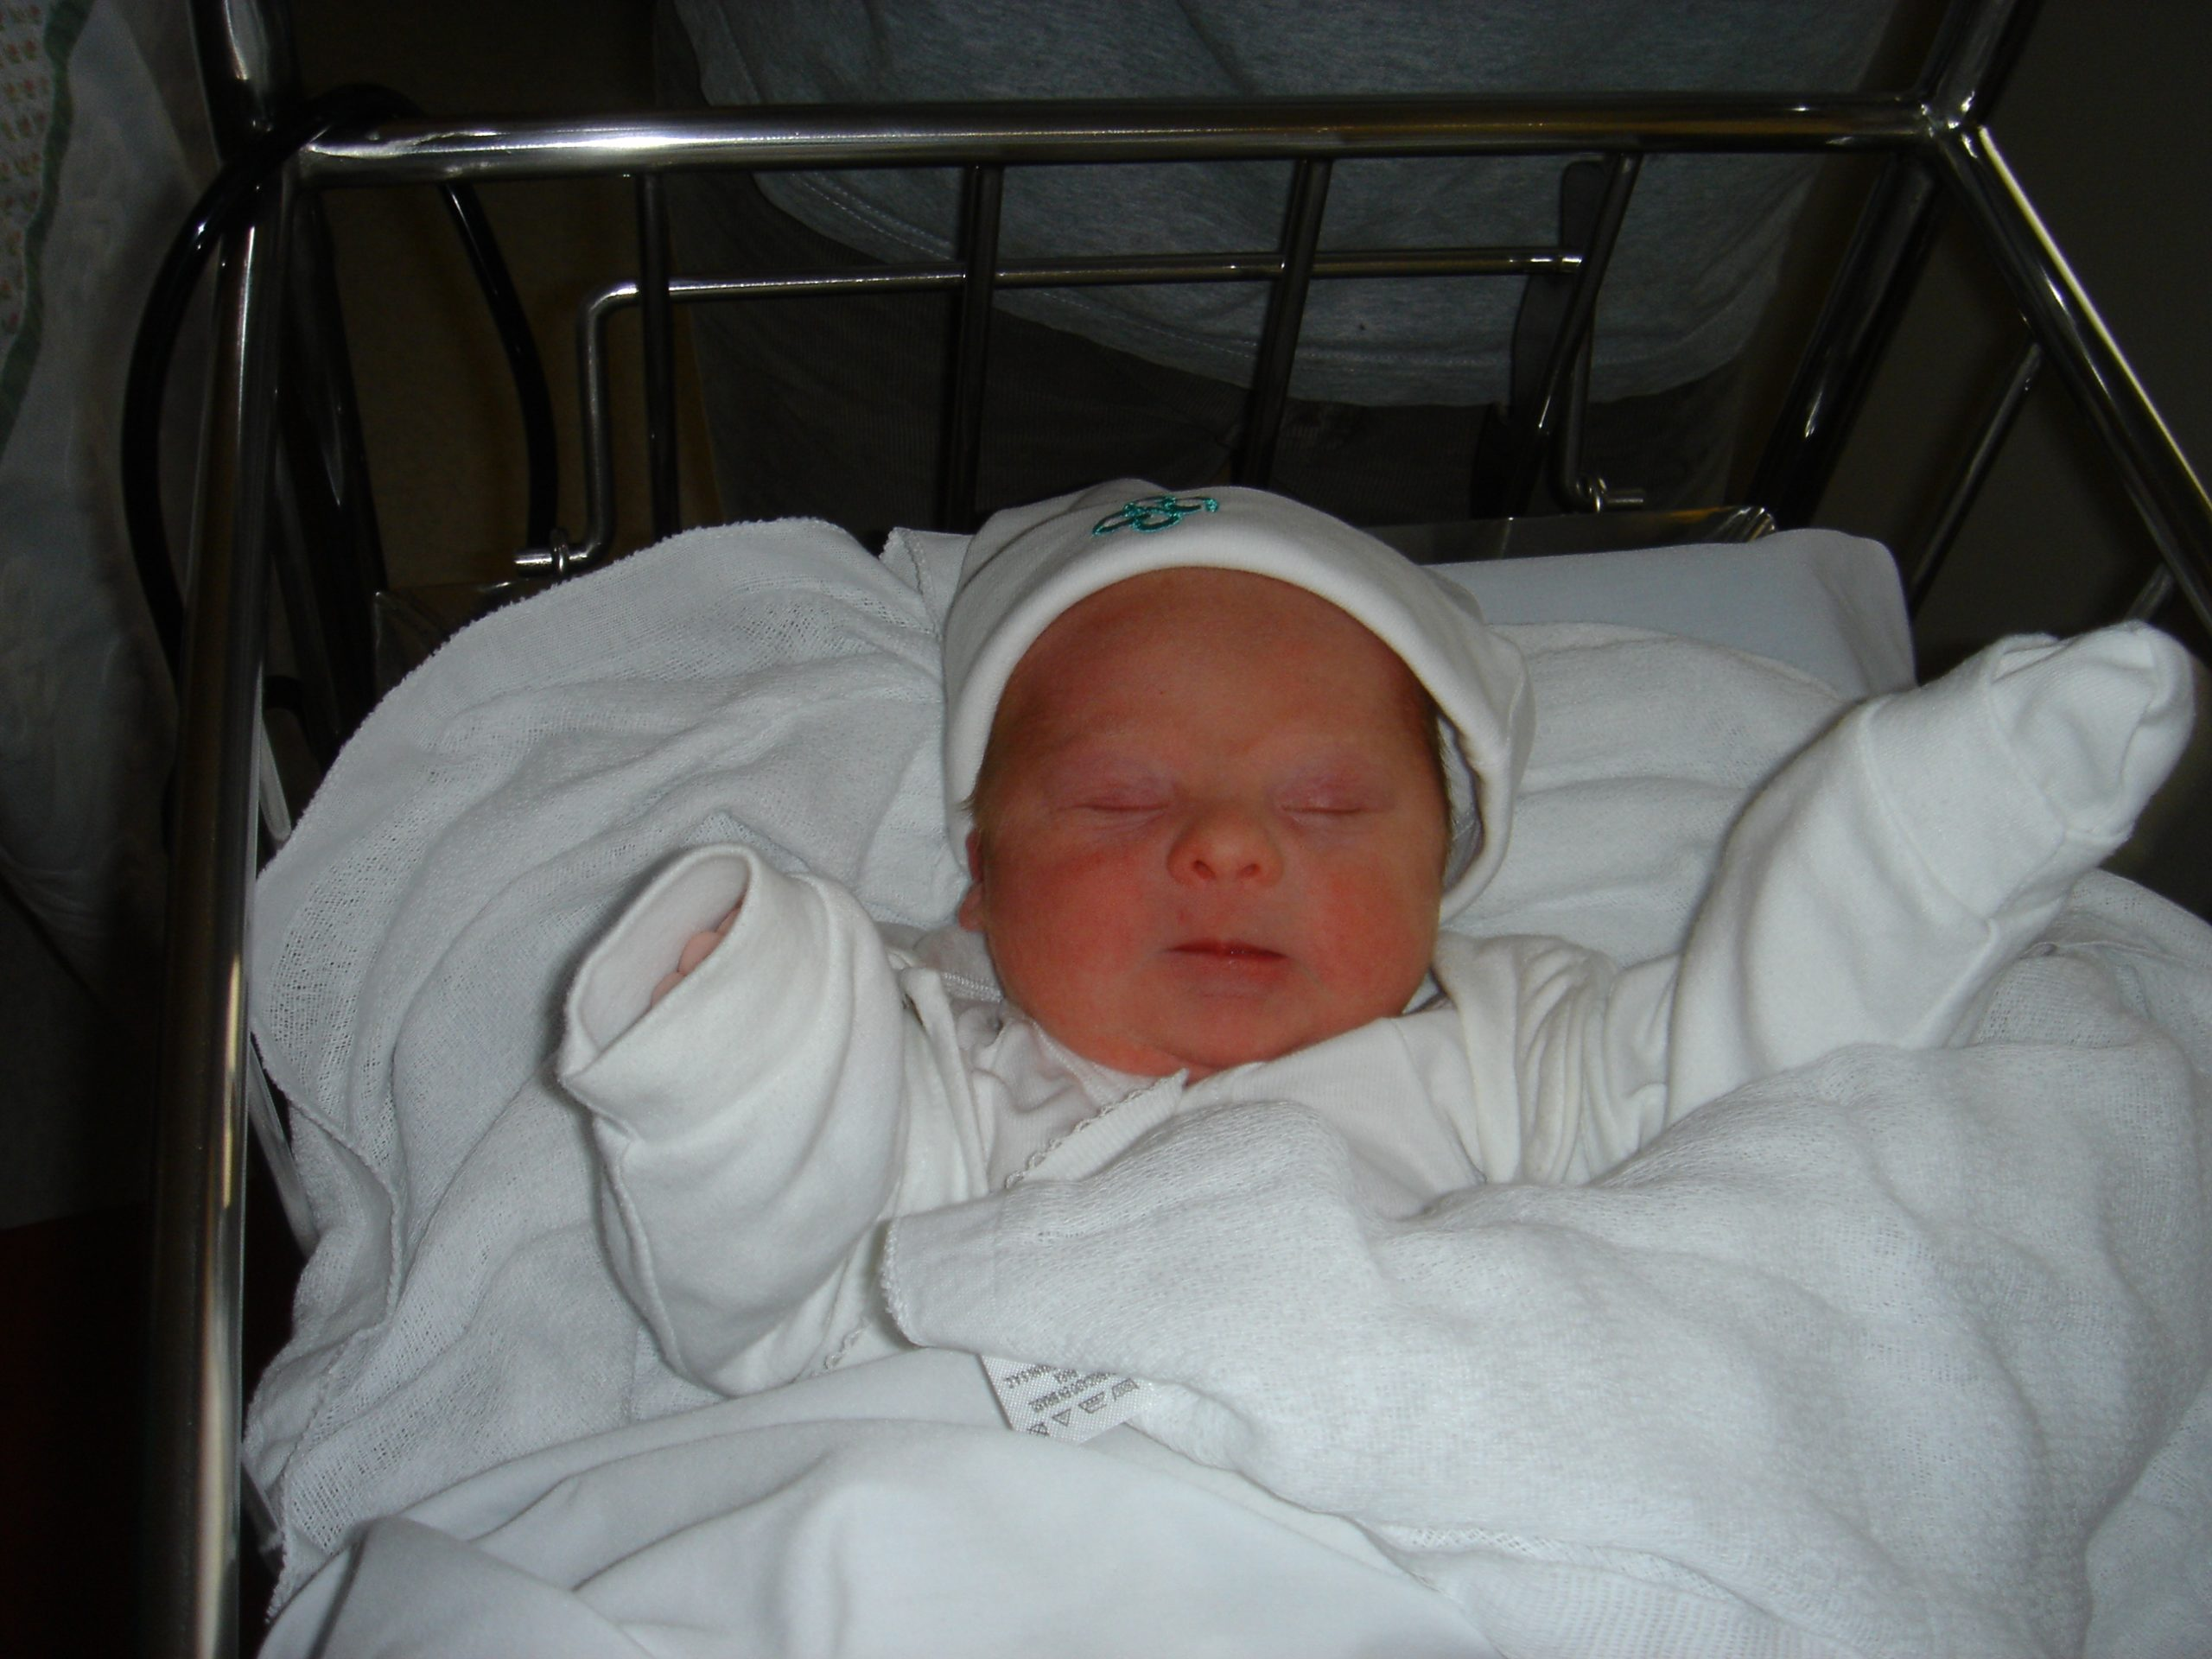 Lucas bebé con síndrome de Down recien nacido